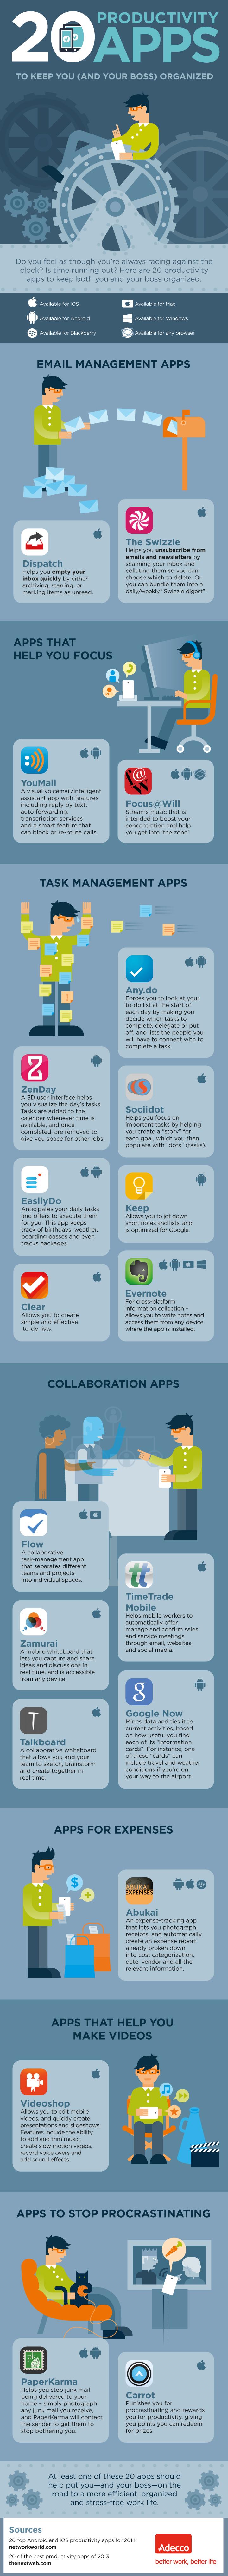 infografia-apps-productividad